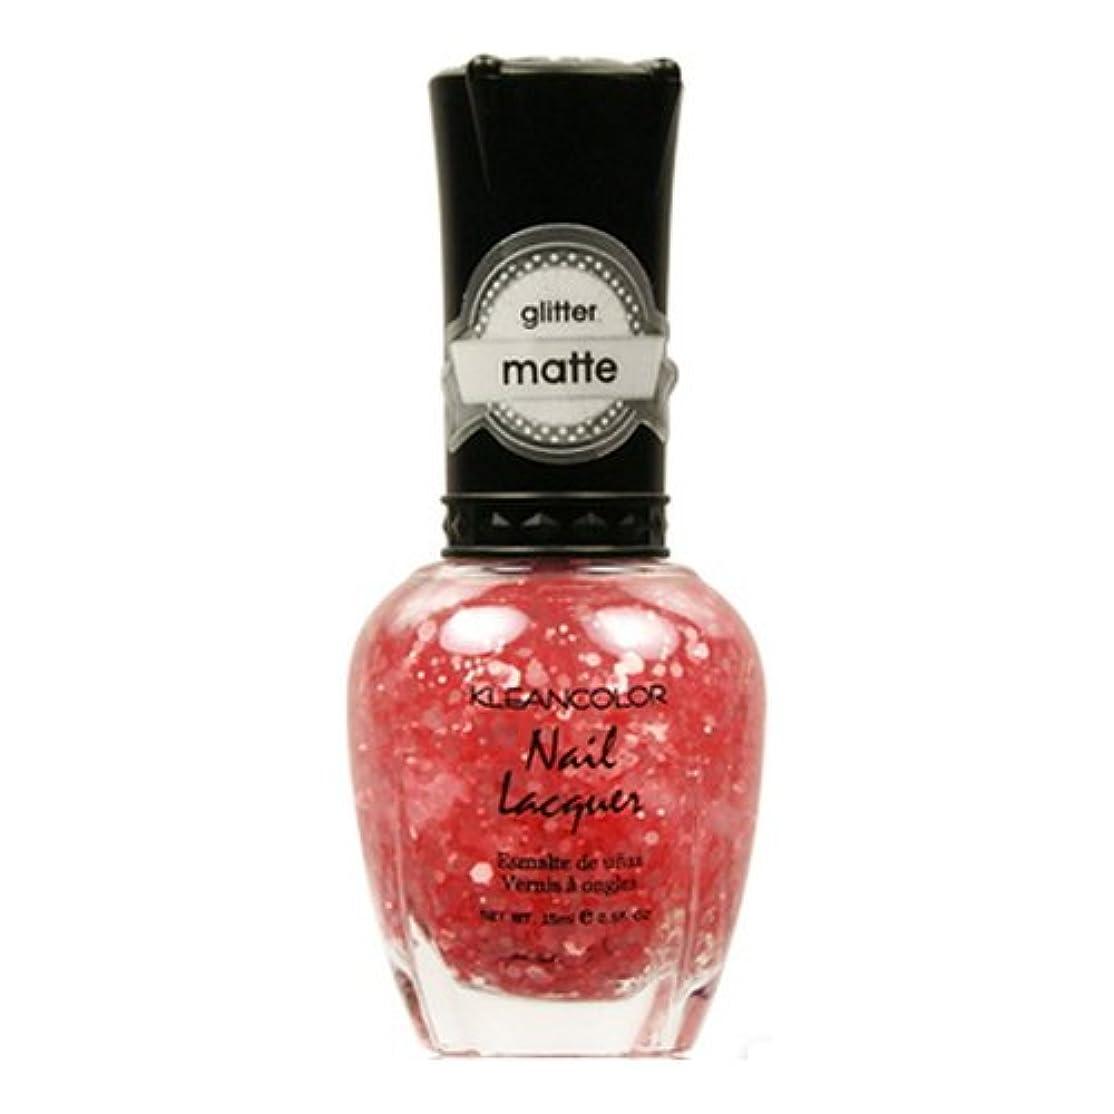 調停者強います敏感なKLEANCOLOR Glitter Matte Nail Lacquer - Blush Pink (並行輸入品)